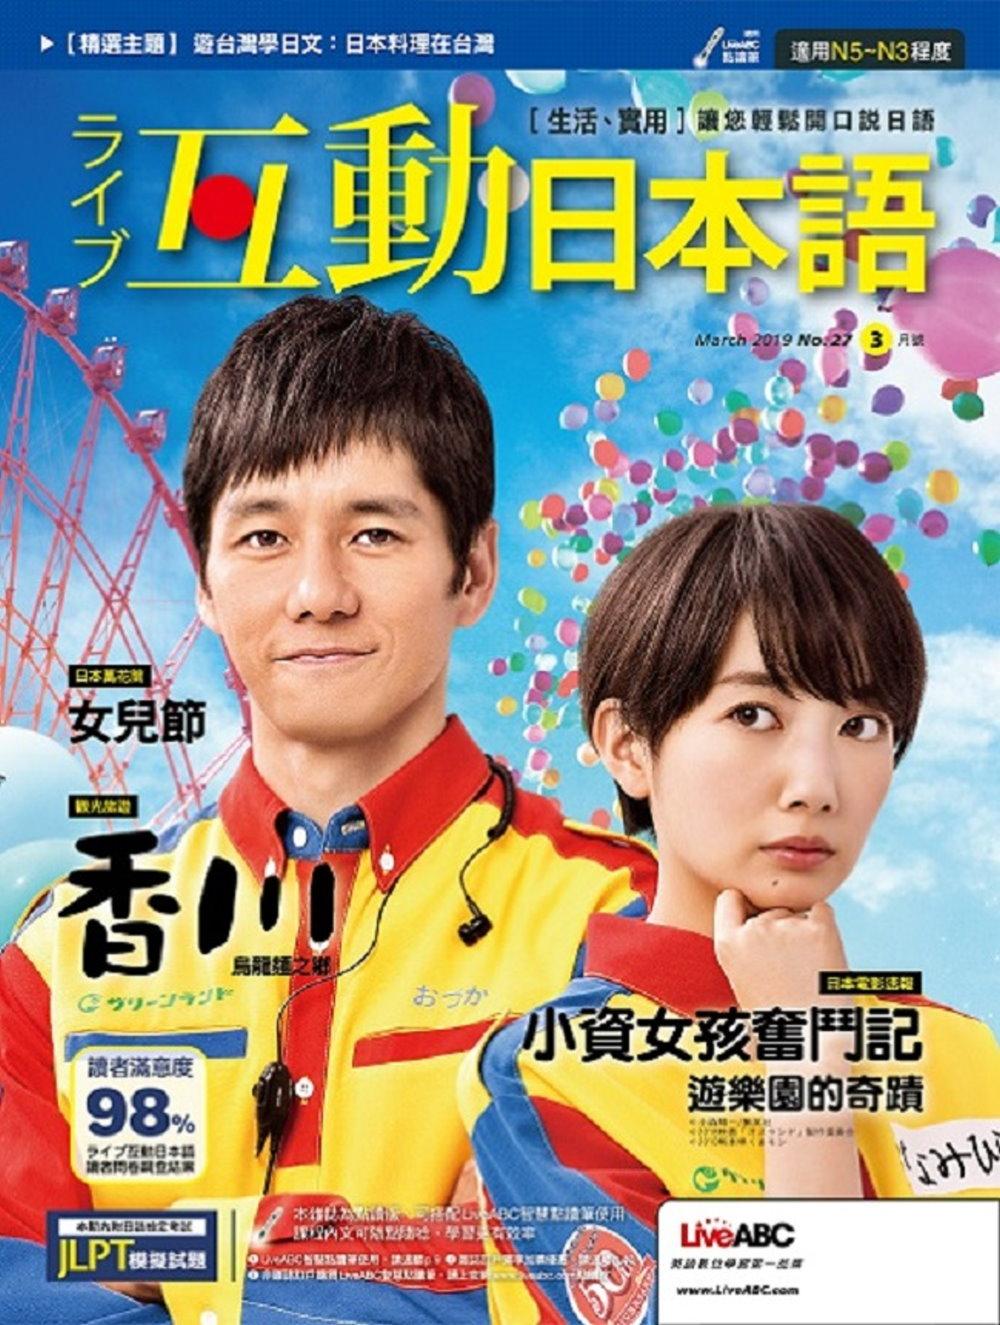 互動日本語(雜誌版)一年12期